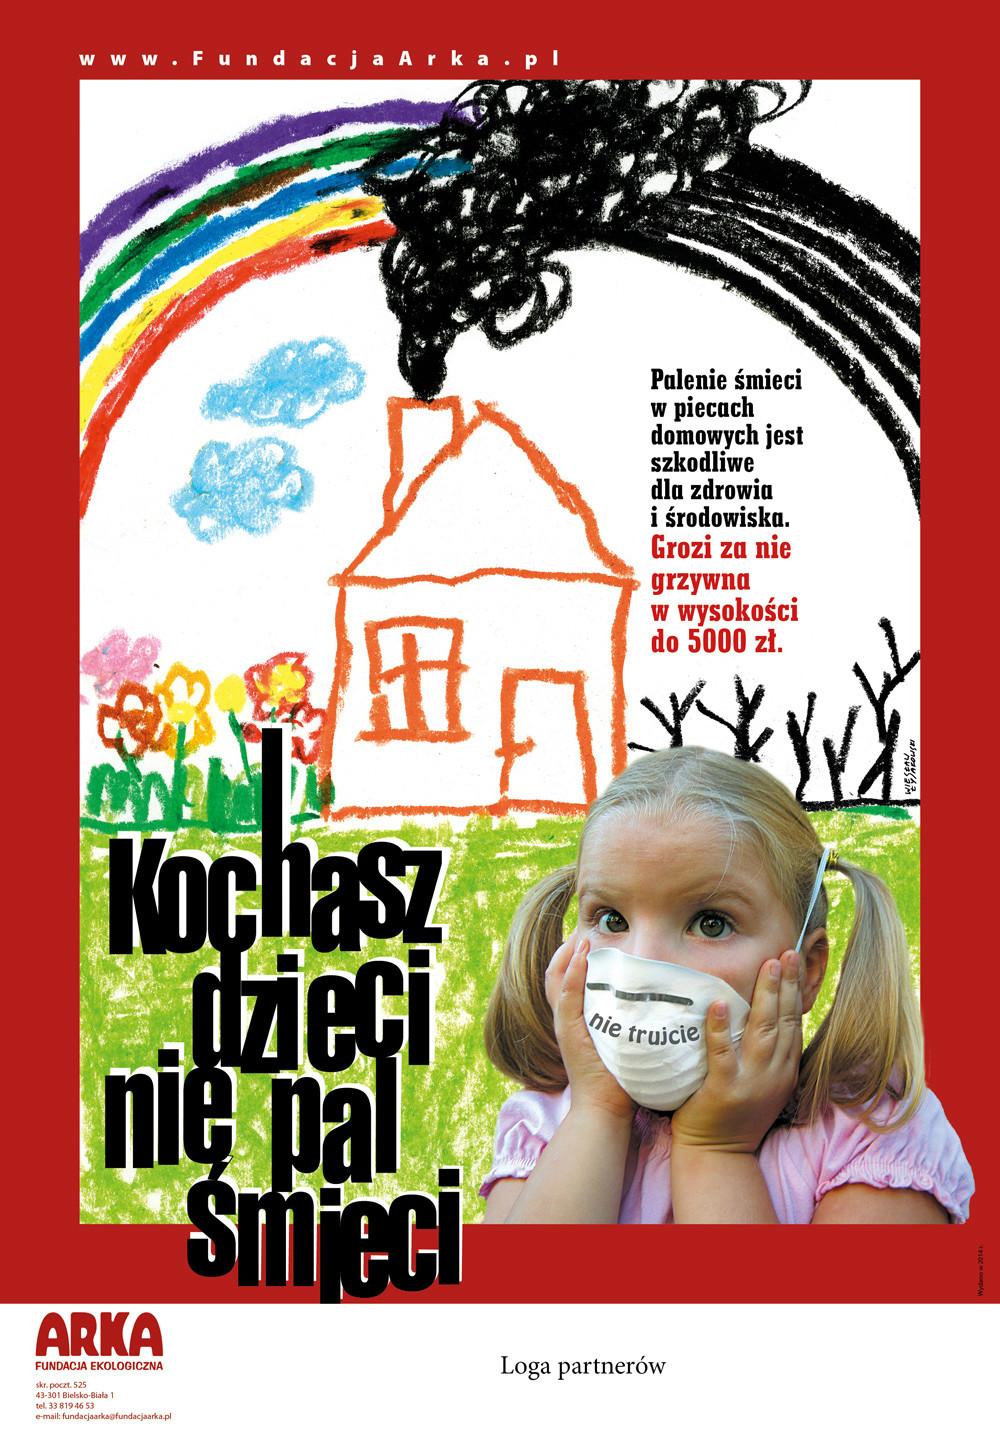 Kochasz dzieci - Nie pal śmieci